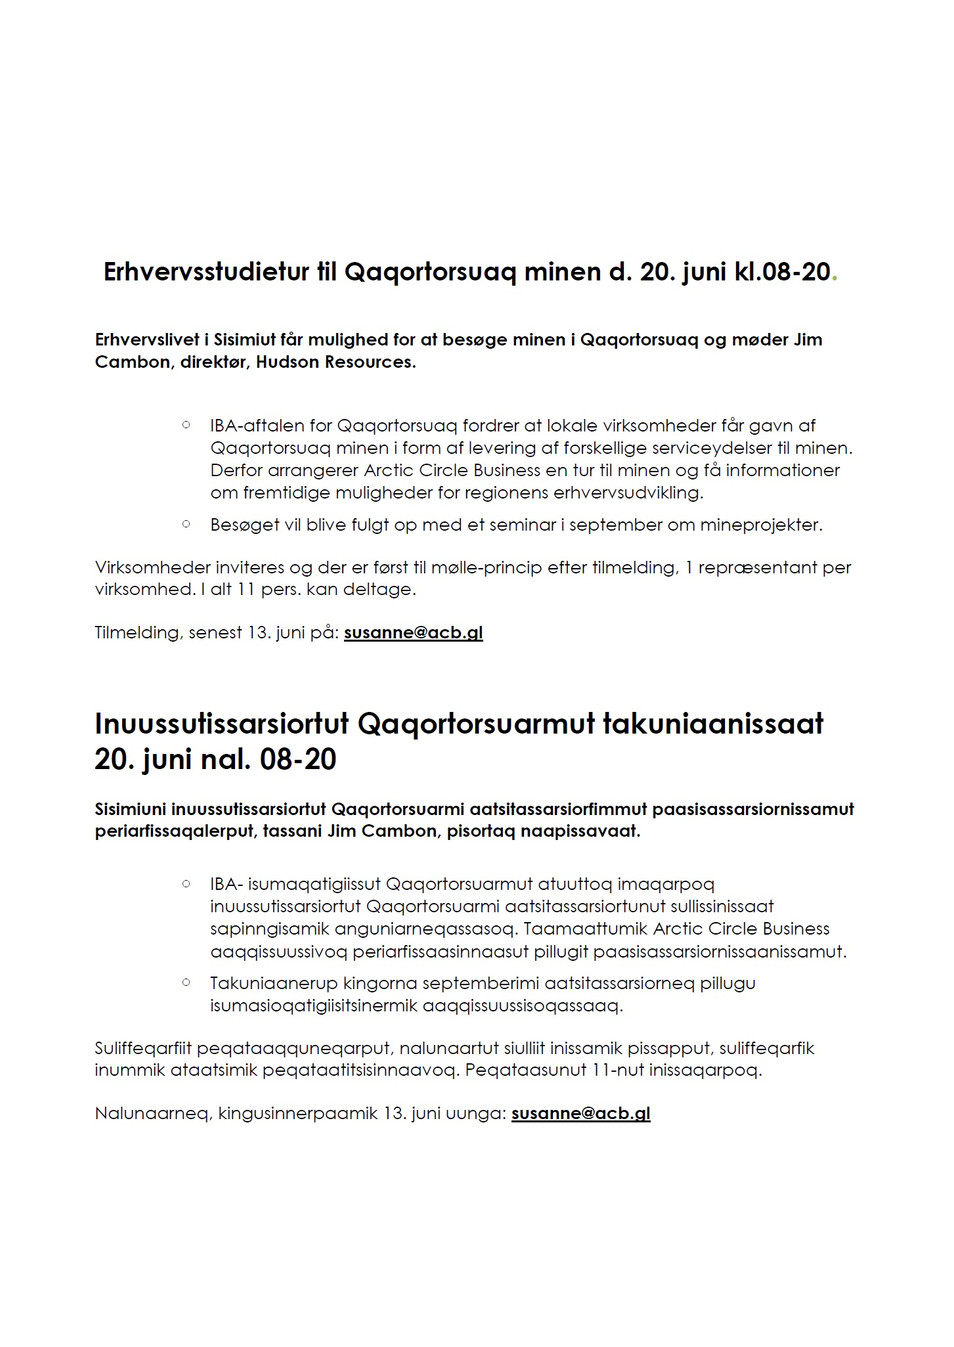 Inuussutissarsiortut Qaqortorsuarmut takuniaanissaat / Erhvervsstudietur til Qaqortorsuaq minen